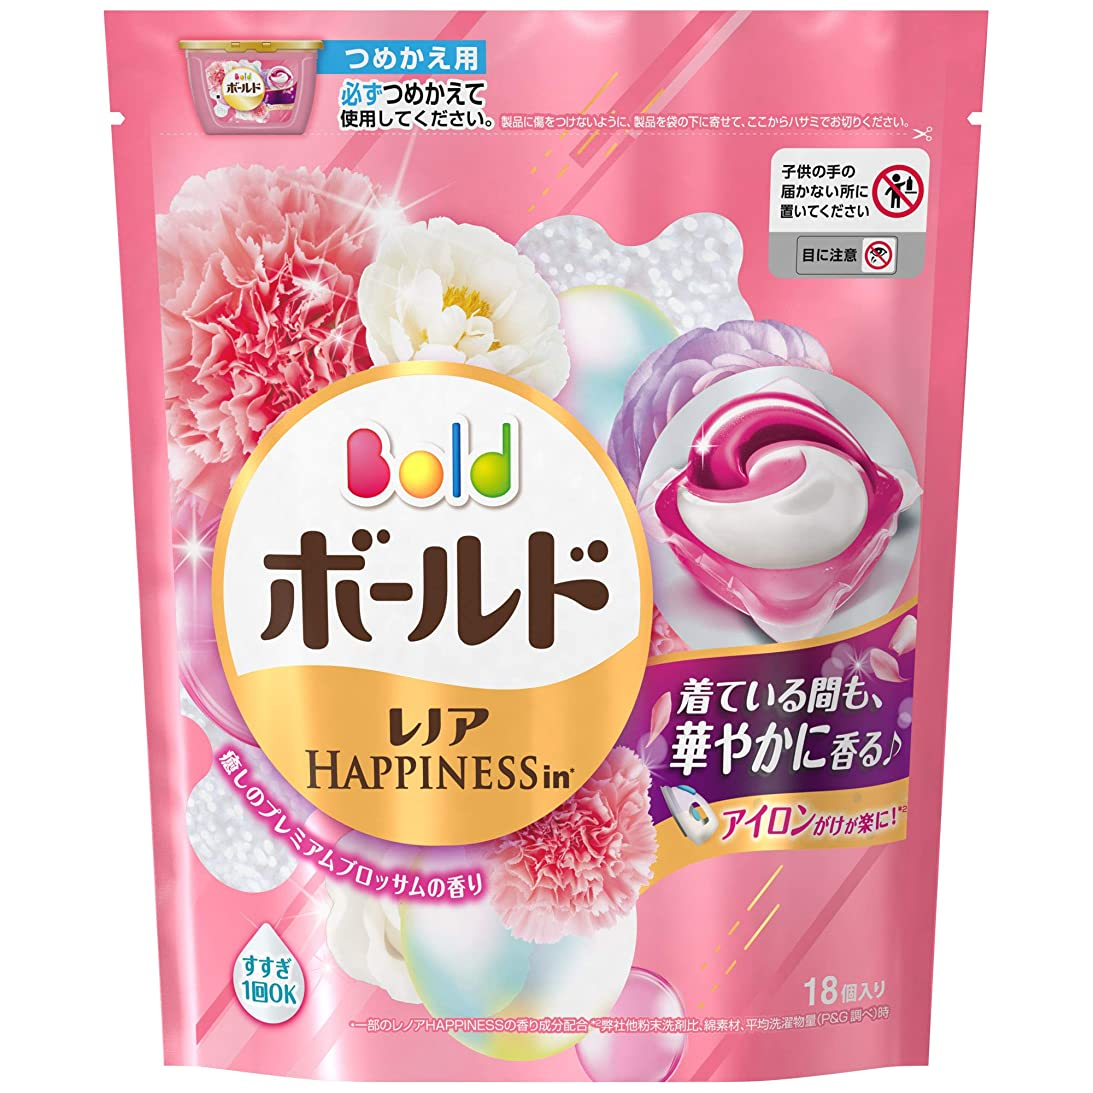 収穫レディ圧倒的ボールド 洗濯洗剤 ジェルボール3D 癒しのプレミアムブロッサムの香り 詰め替え 18個入